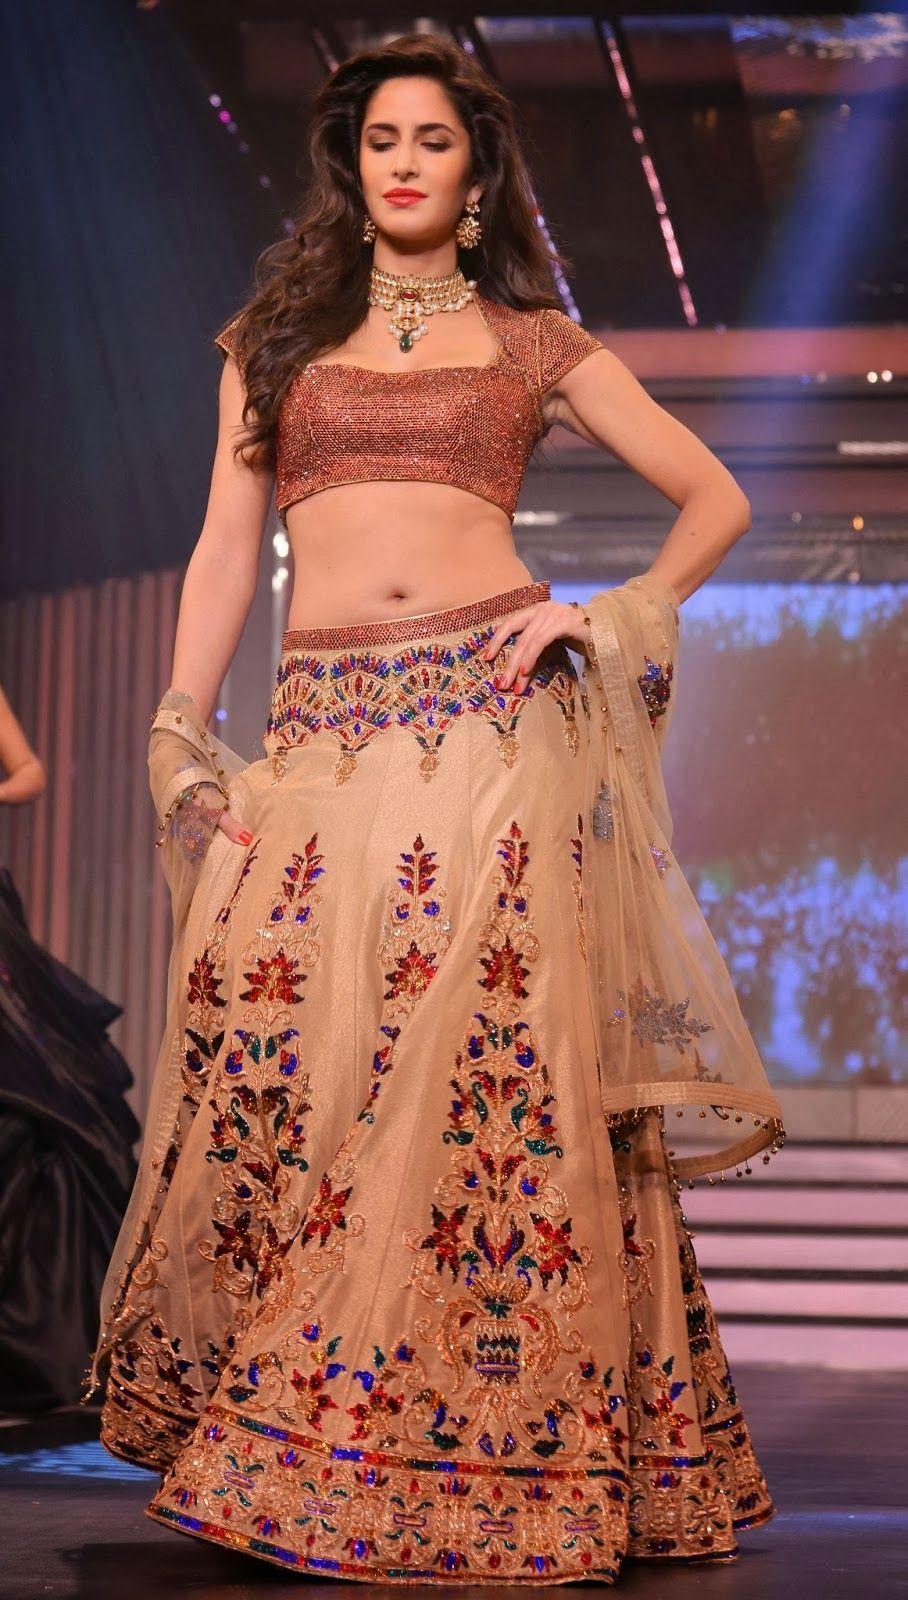 Katrina Kaif At Diva Ni Launches In Mumbai Katrina Kaif Is A British Indian Actress And Former Model Who Appears In I Katrina Kaif Katrina Kaif Navel Fashion